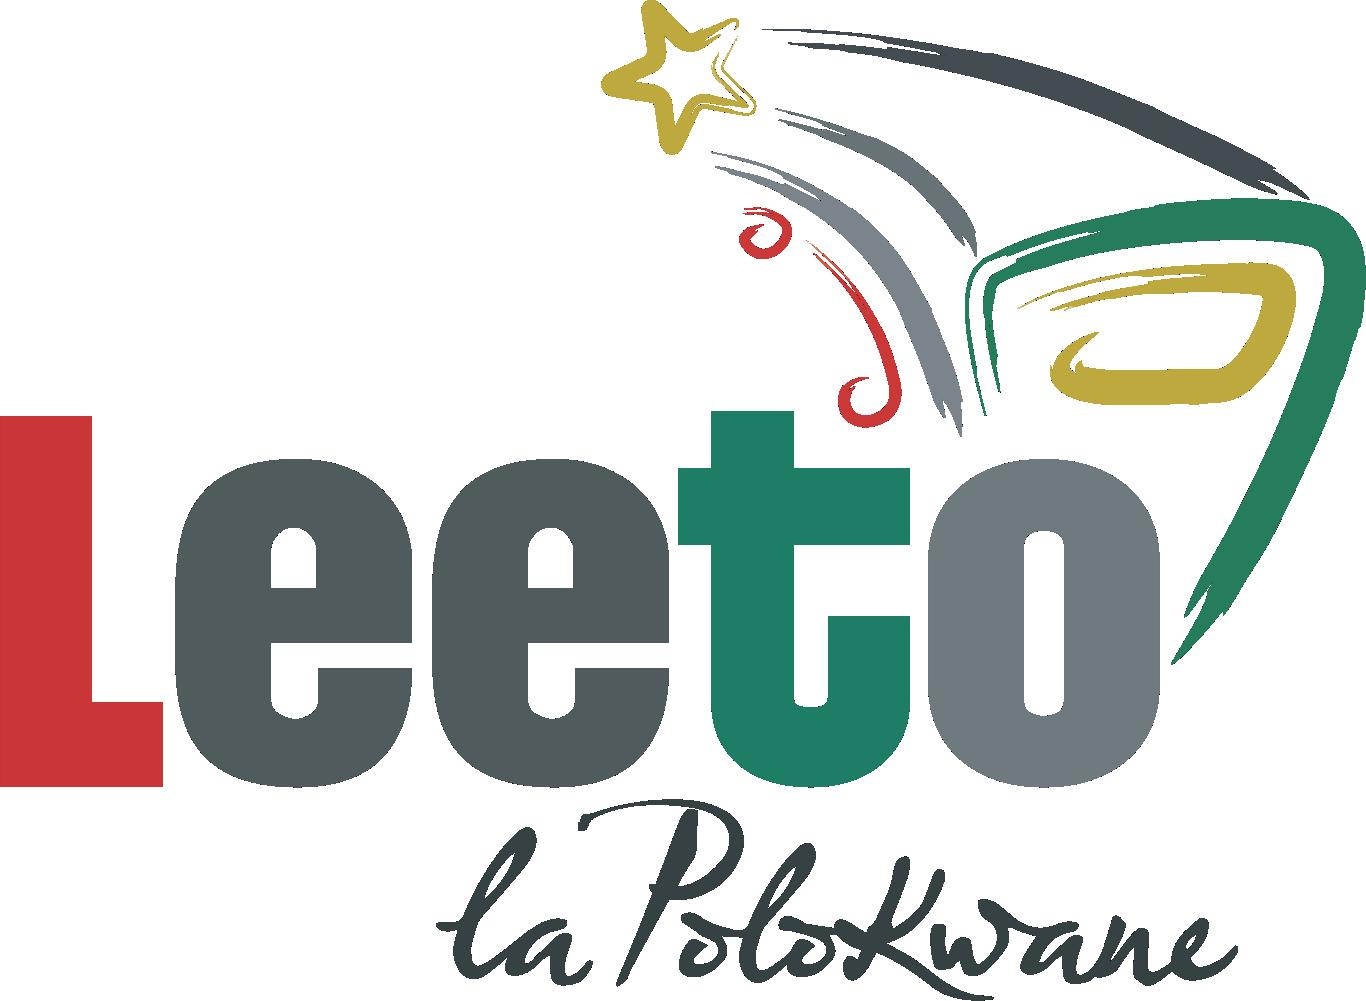 Leeto la Polokwane logo